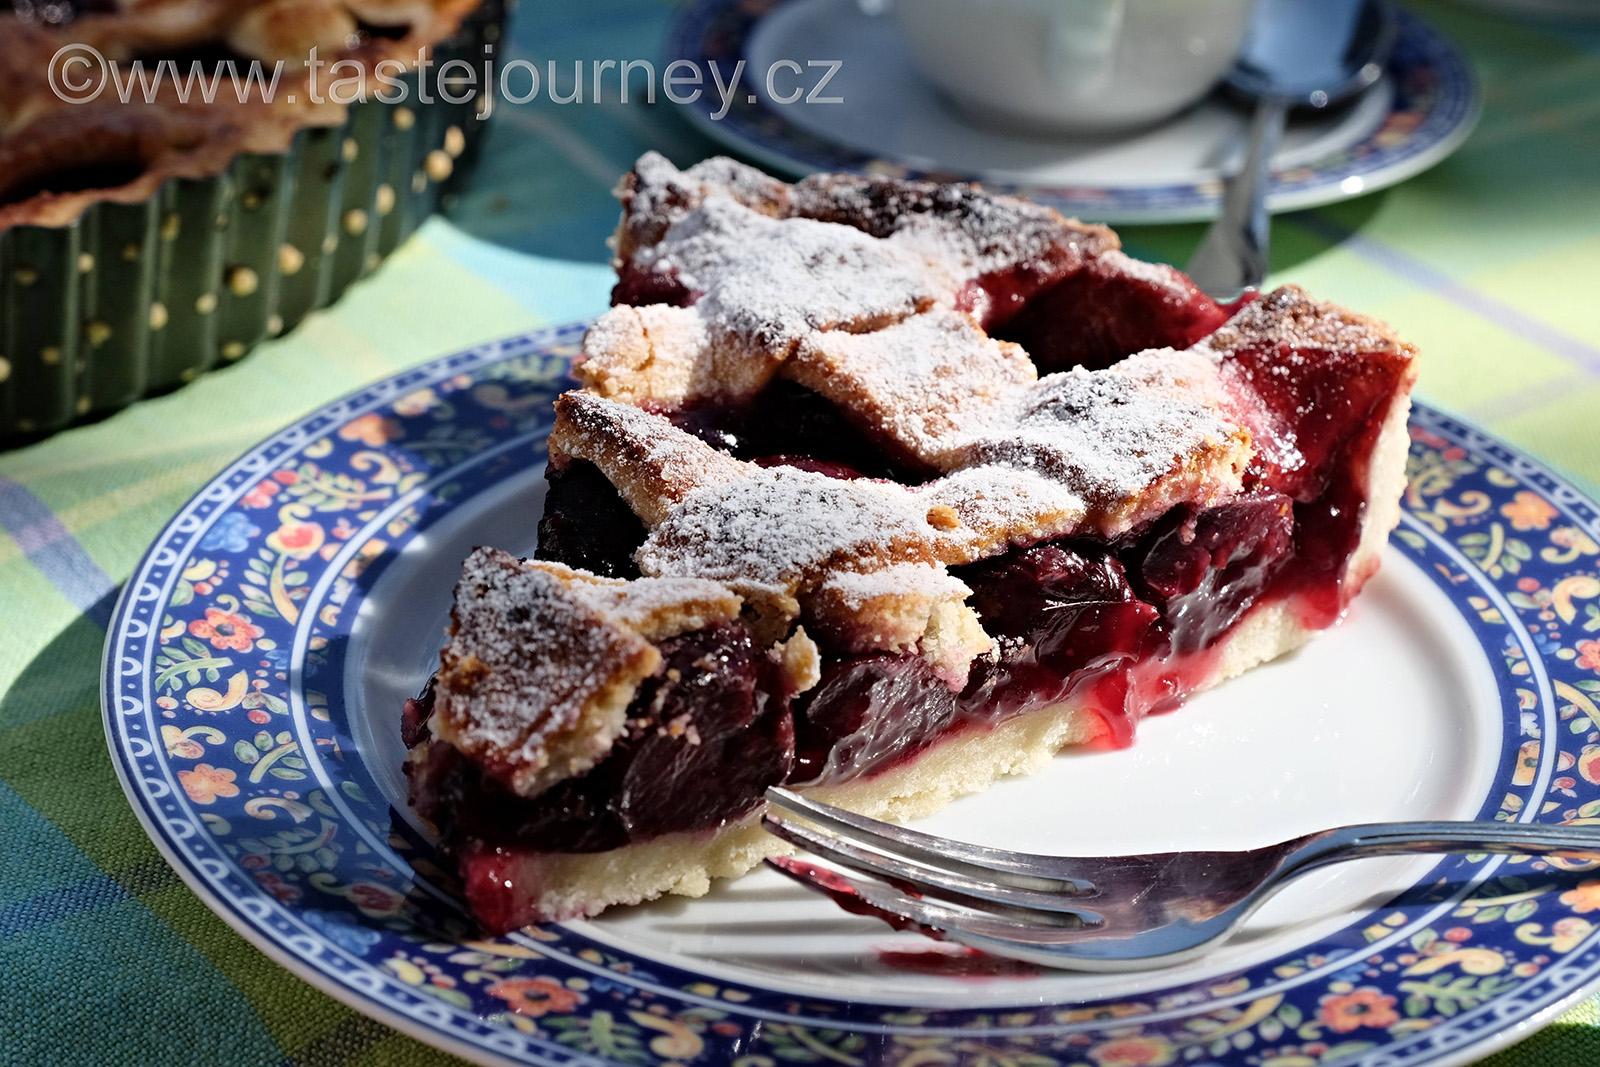 Šťavnaté třešně v mřížkovém koláči